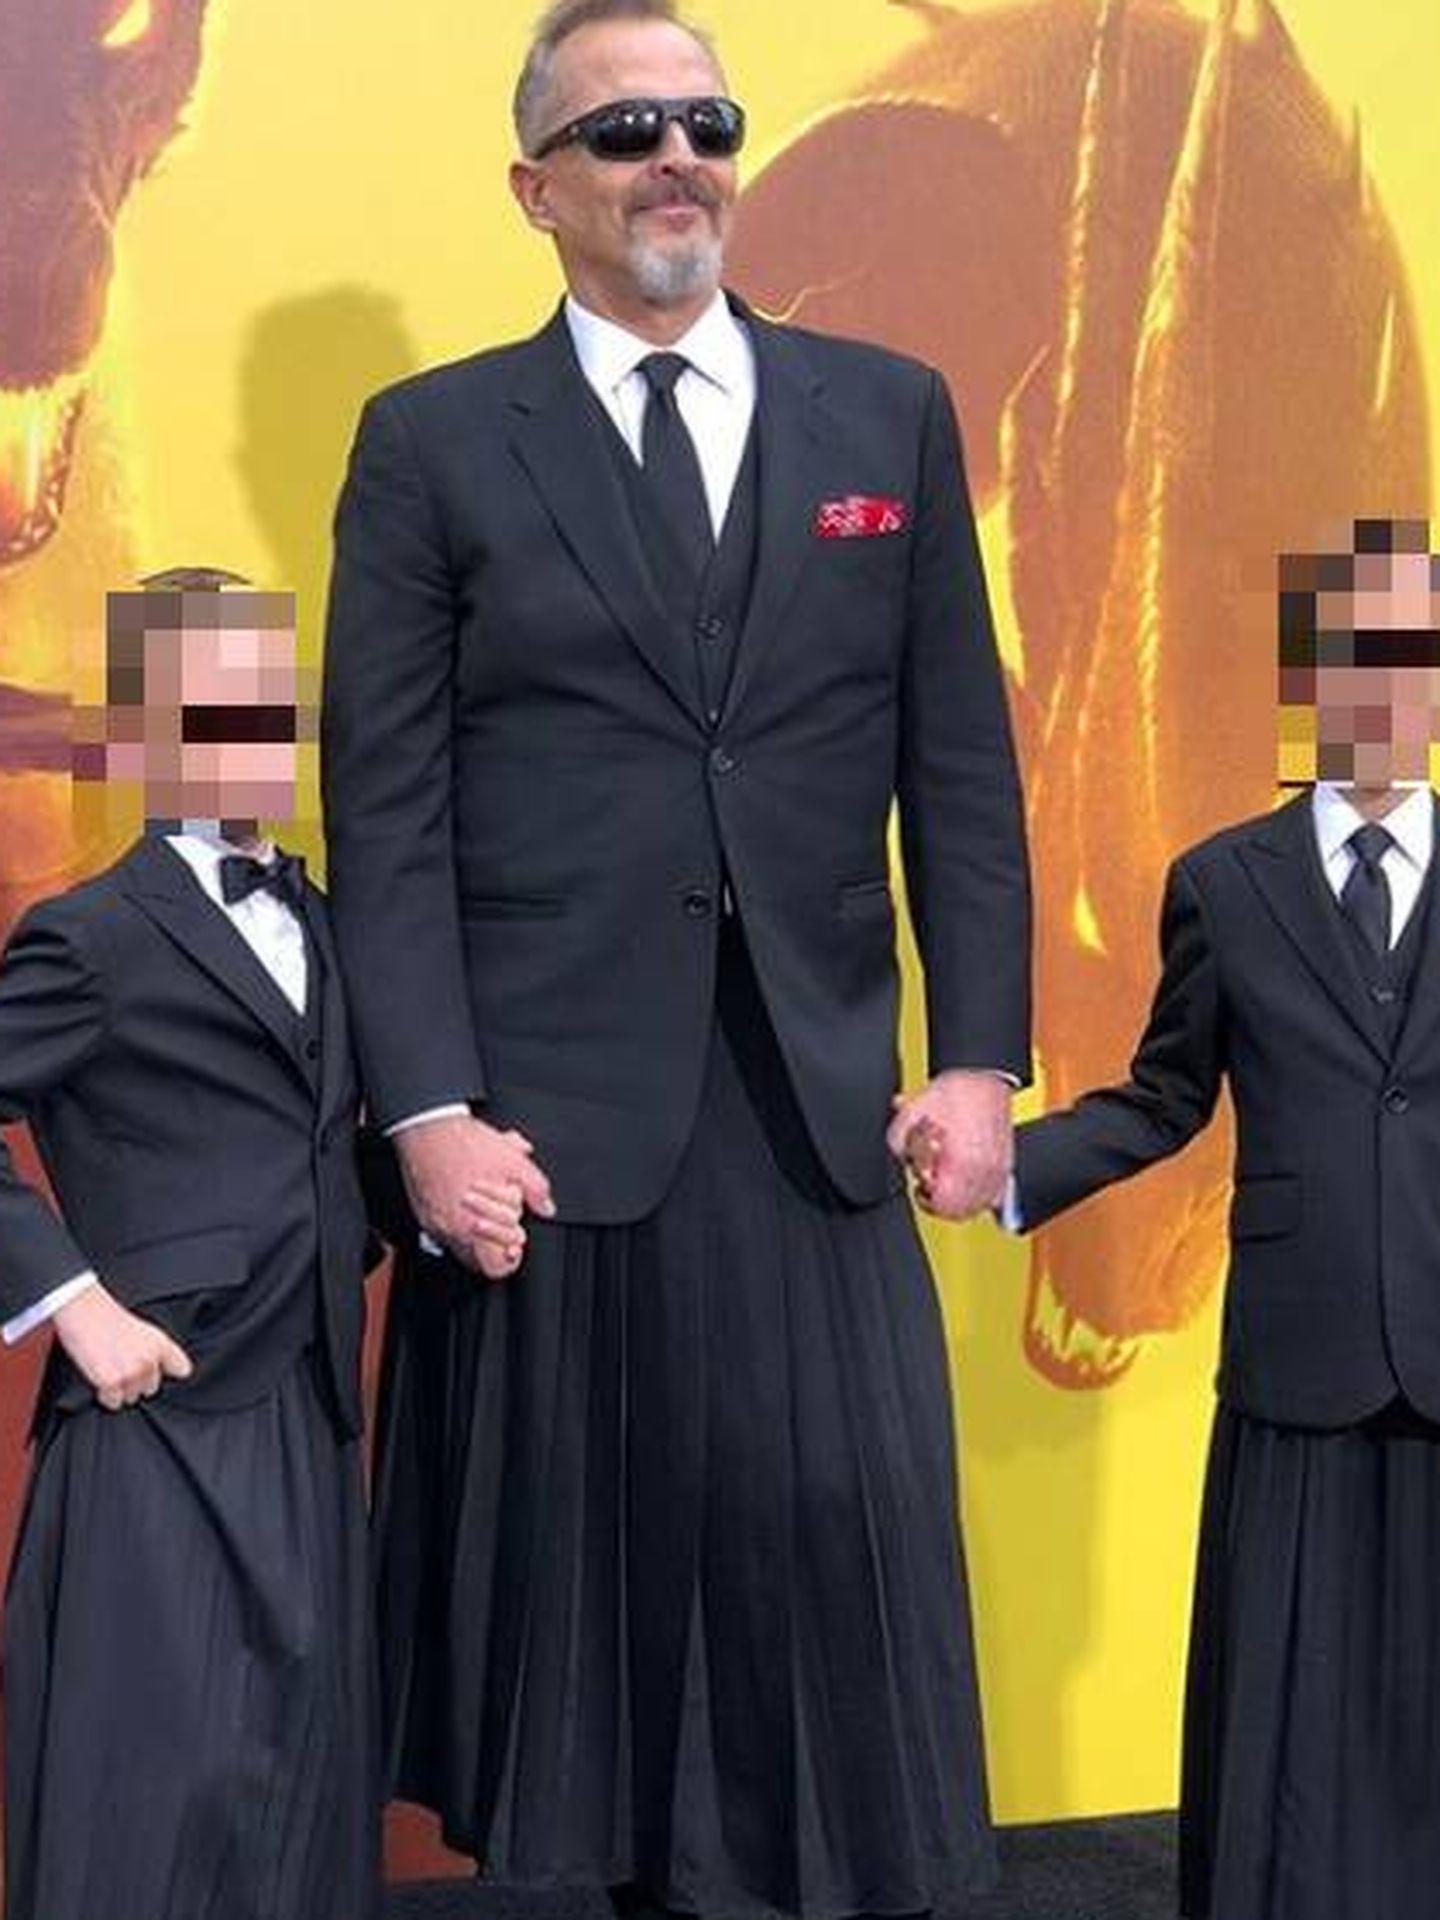 Miguel Bosé con sus hijos, Tadeo y Diego, en Los Ángeles. (IG)